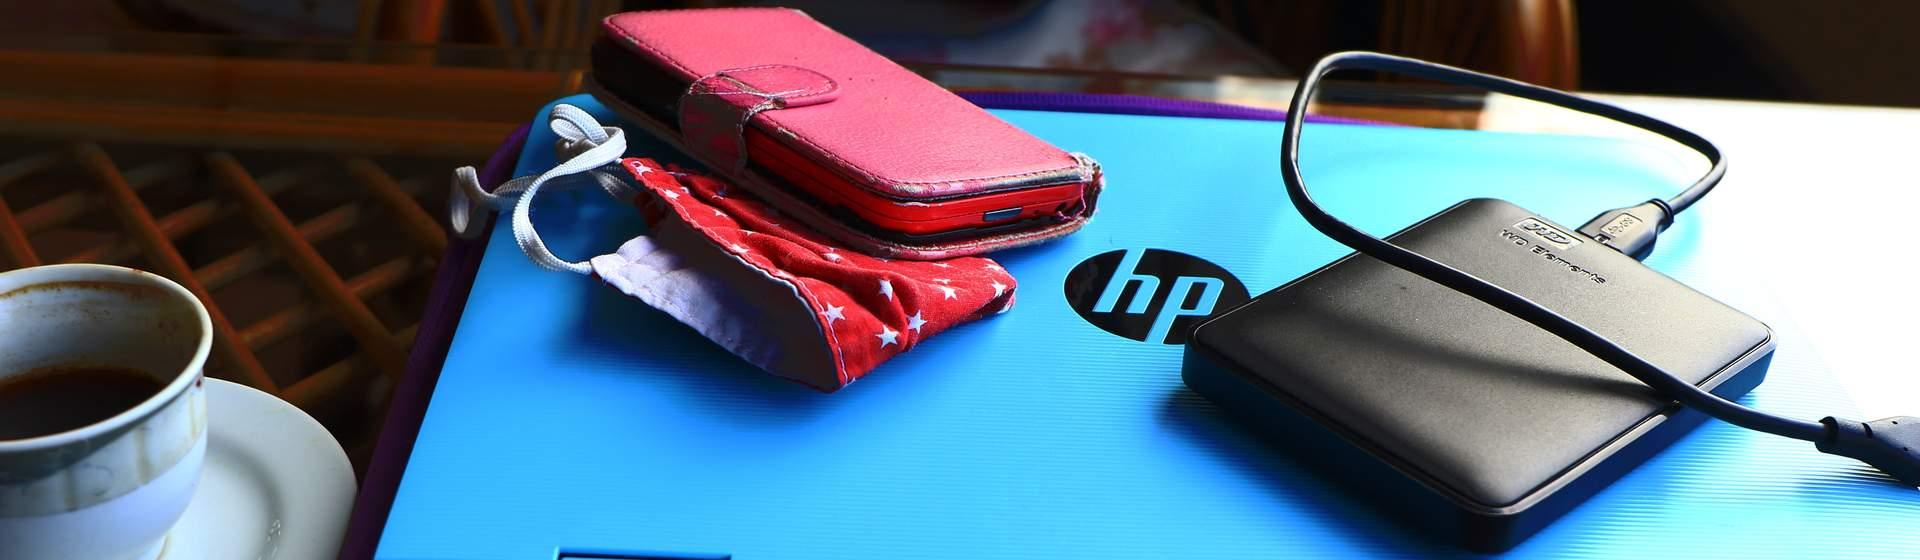 Tudo sobre os notebooks HP Pavilion